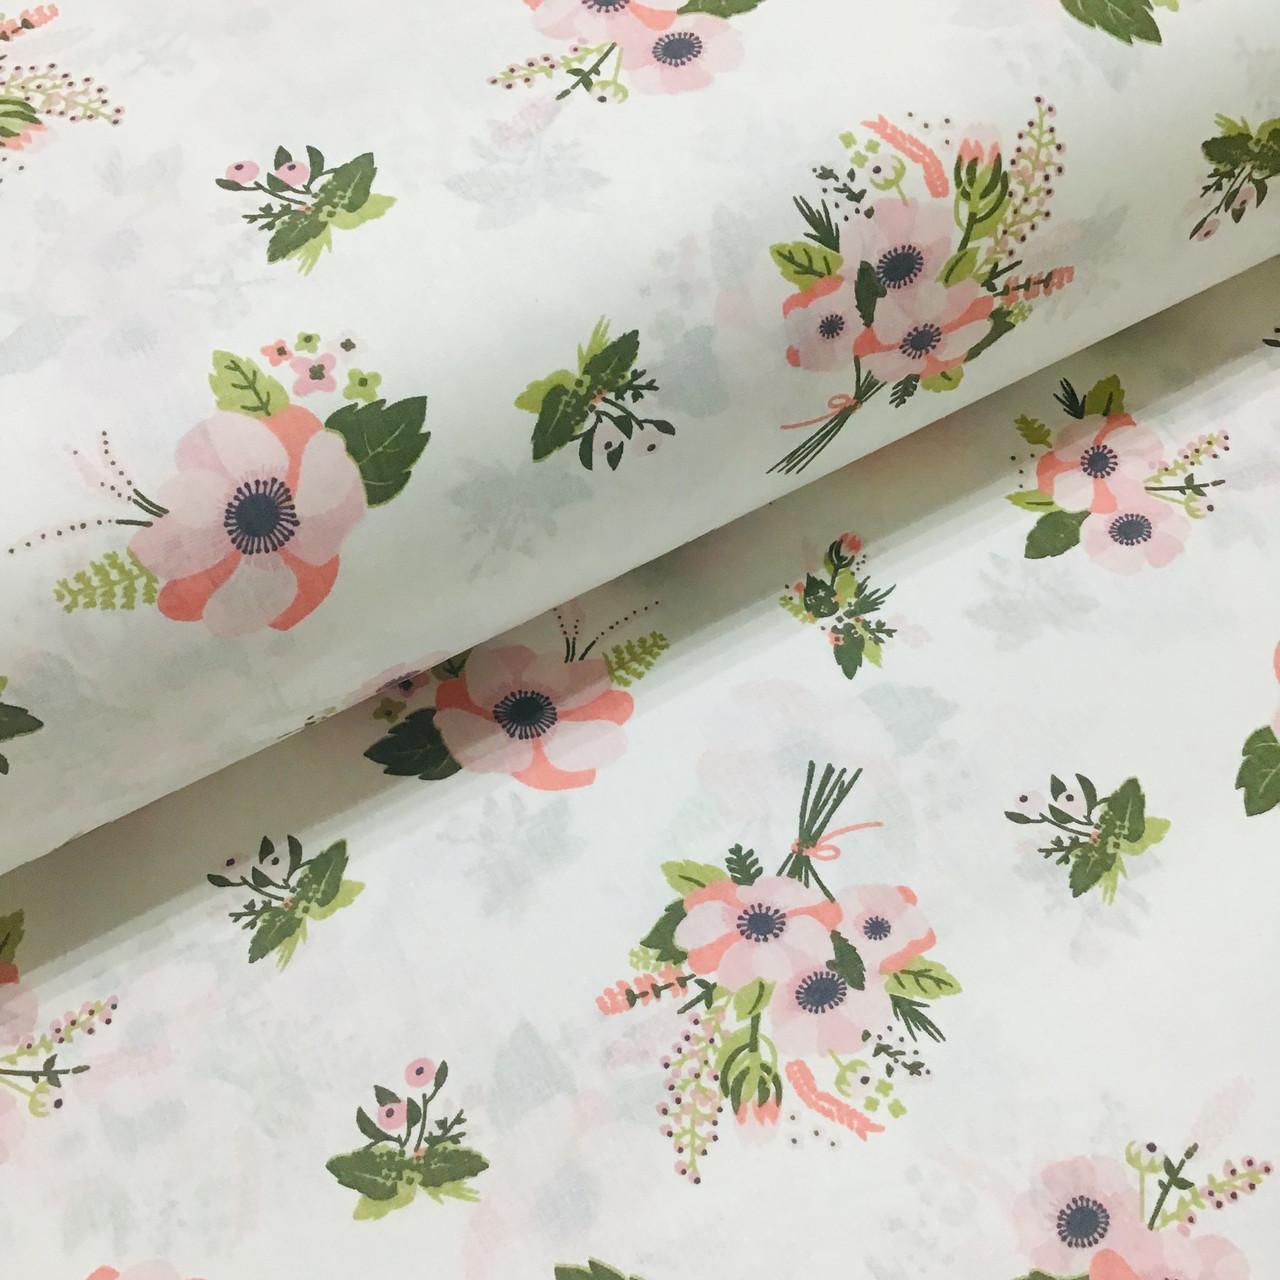 Ткань поплин анемоны розовые на белом (ТУРЦИЯ шир. 2,4 м) №32-252 ОТРЕЗ(0,37*2,4)